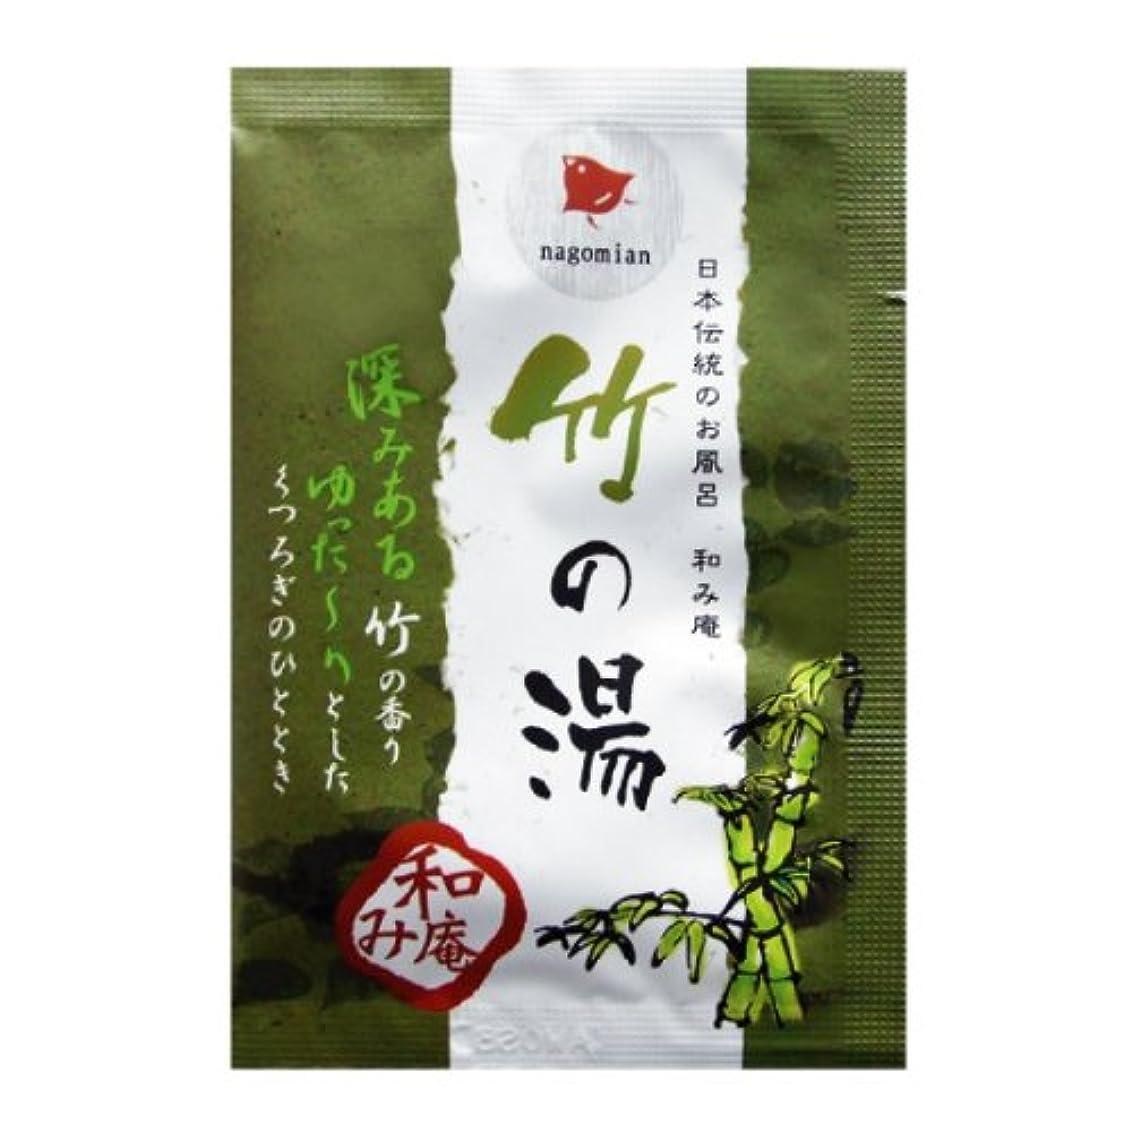 一回アライアンスゆるく日本伝統のお風呂 和み庵 竹の湯 200包